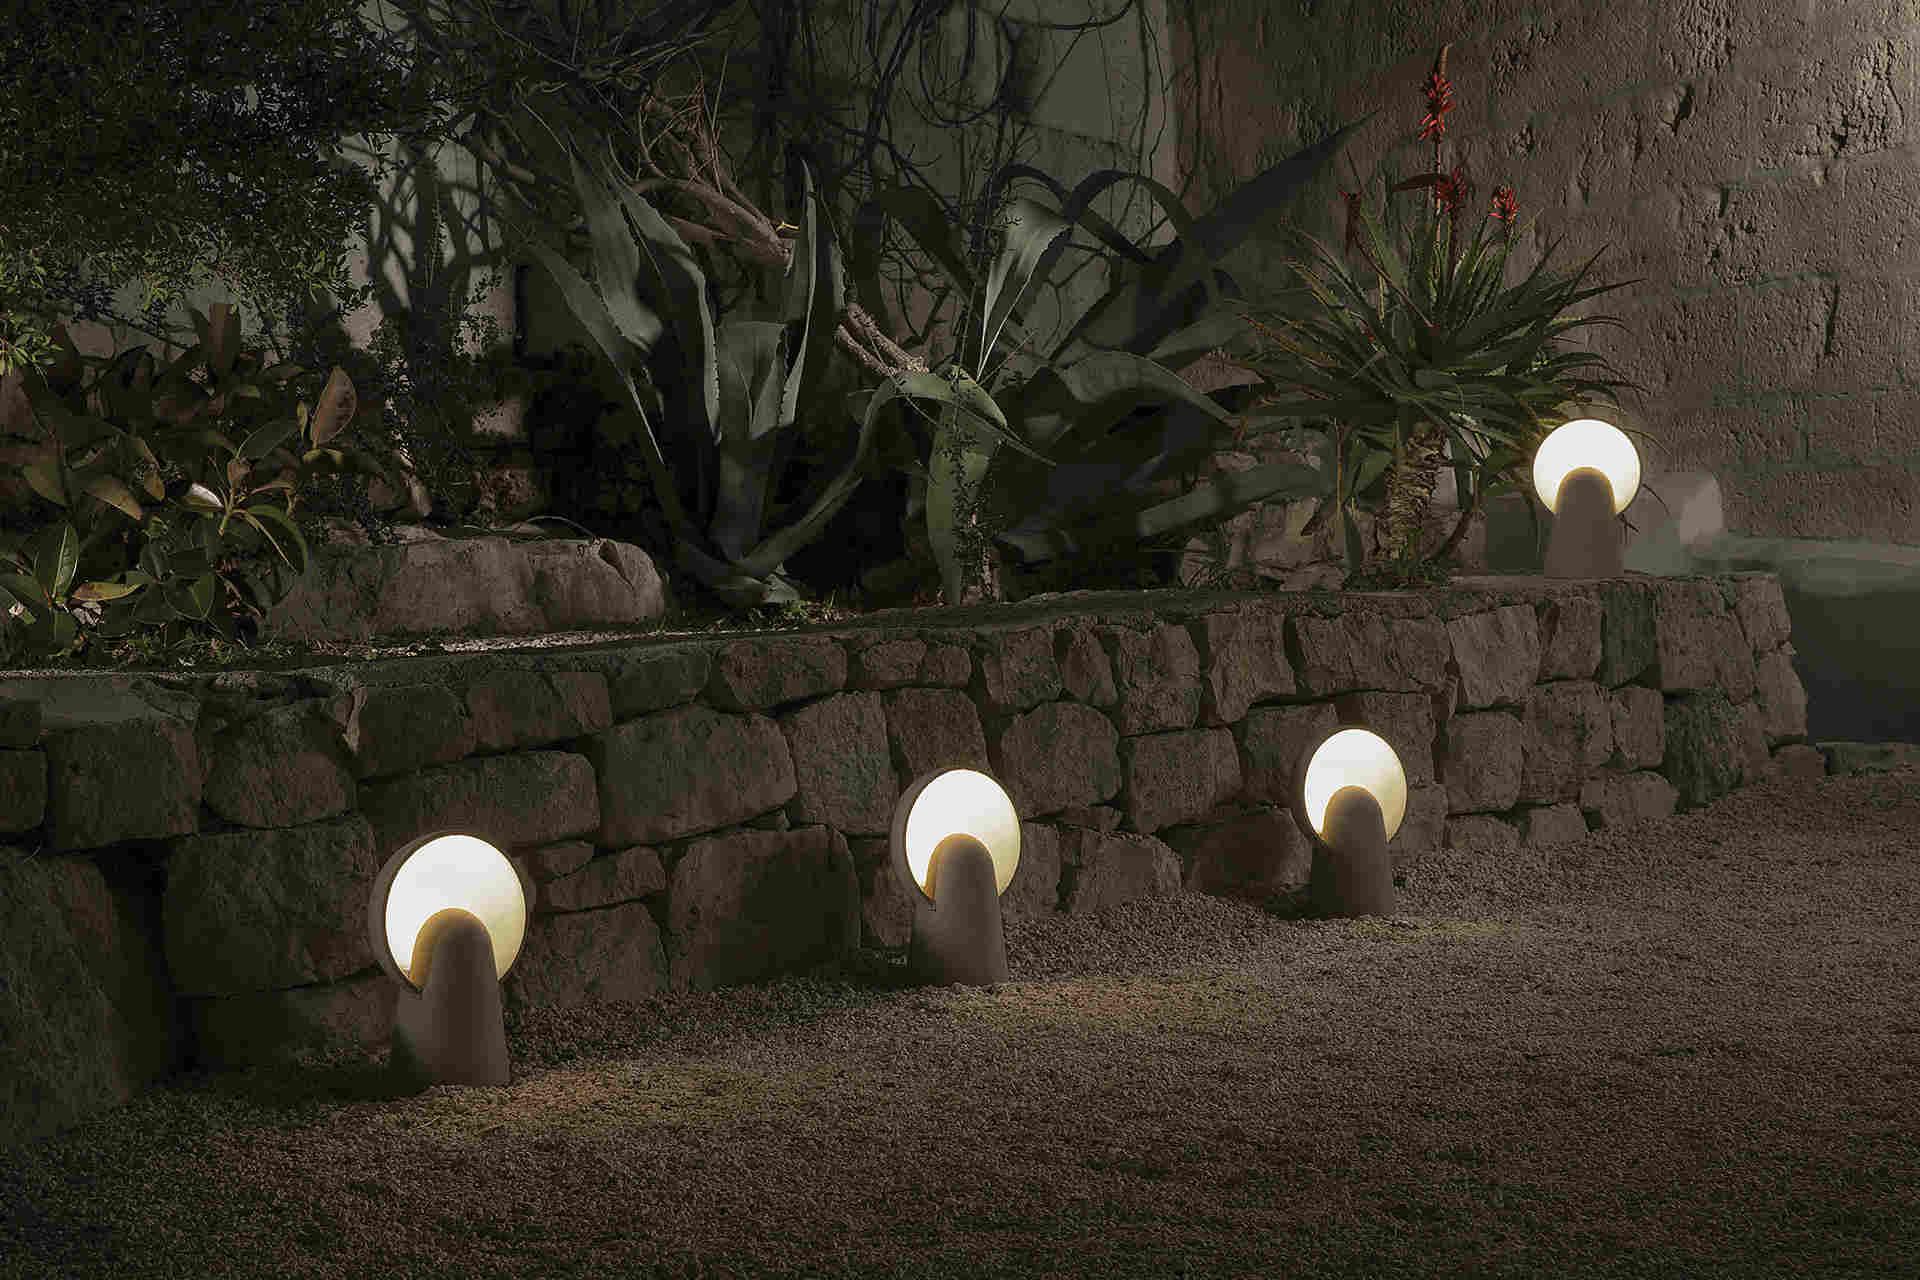 Luci per giardino idee giardino balcone con luci solari da